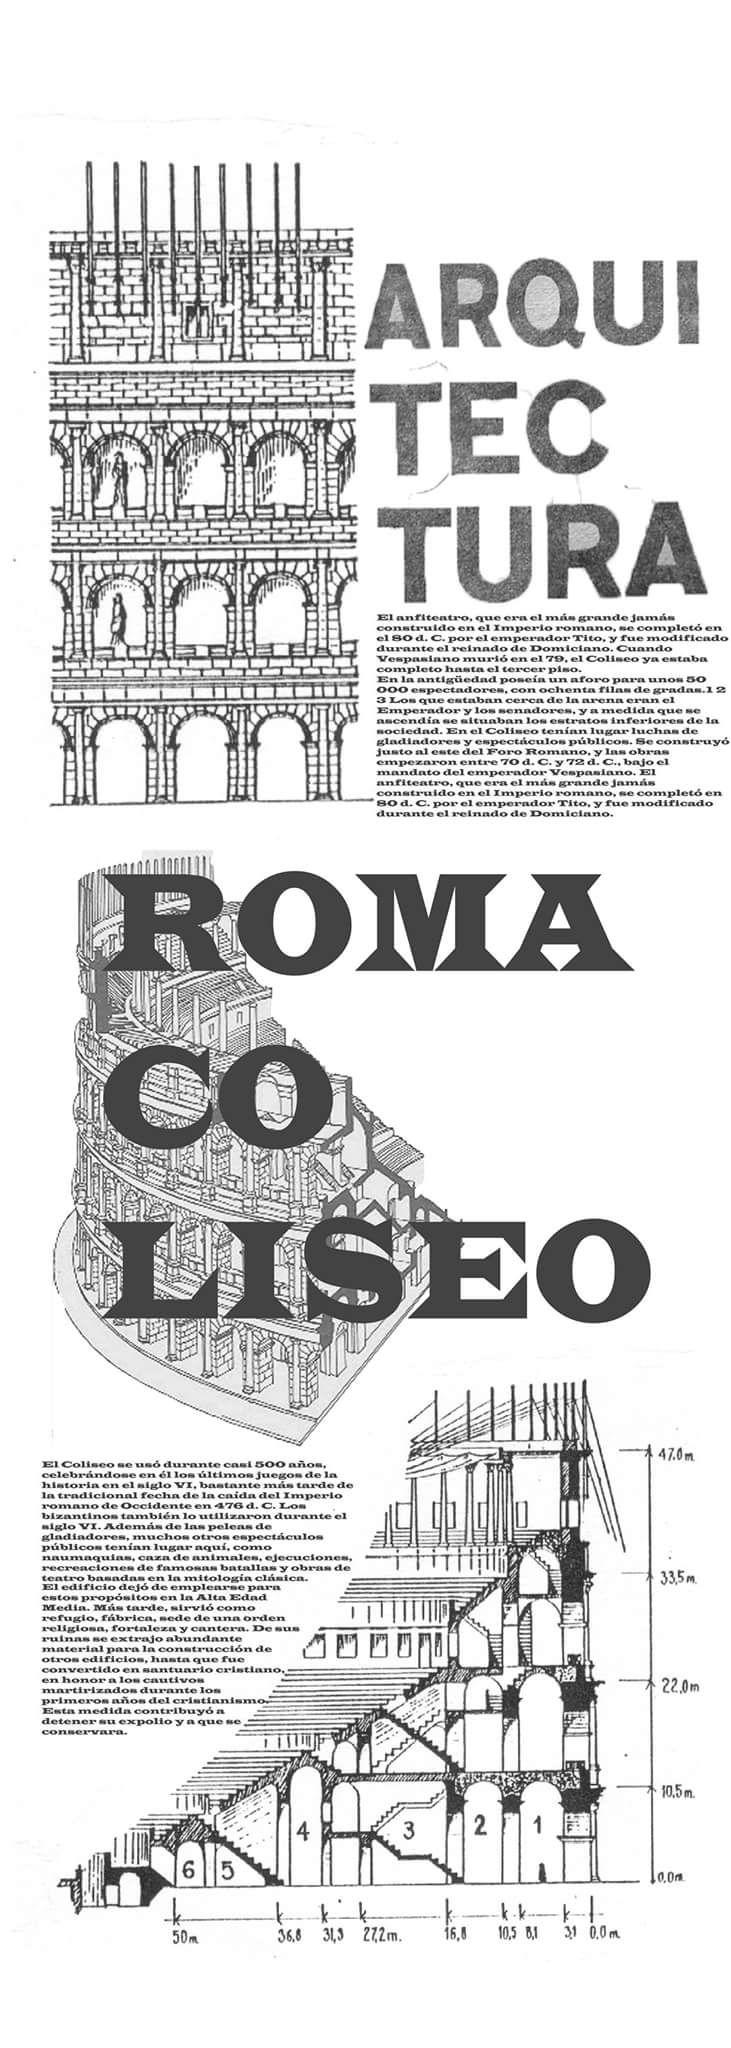 #roma #coliseo #tipografia o por lo menos un intento